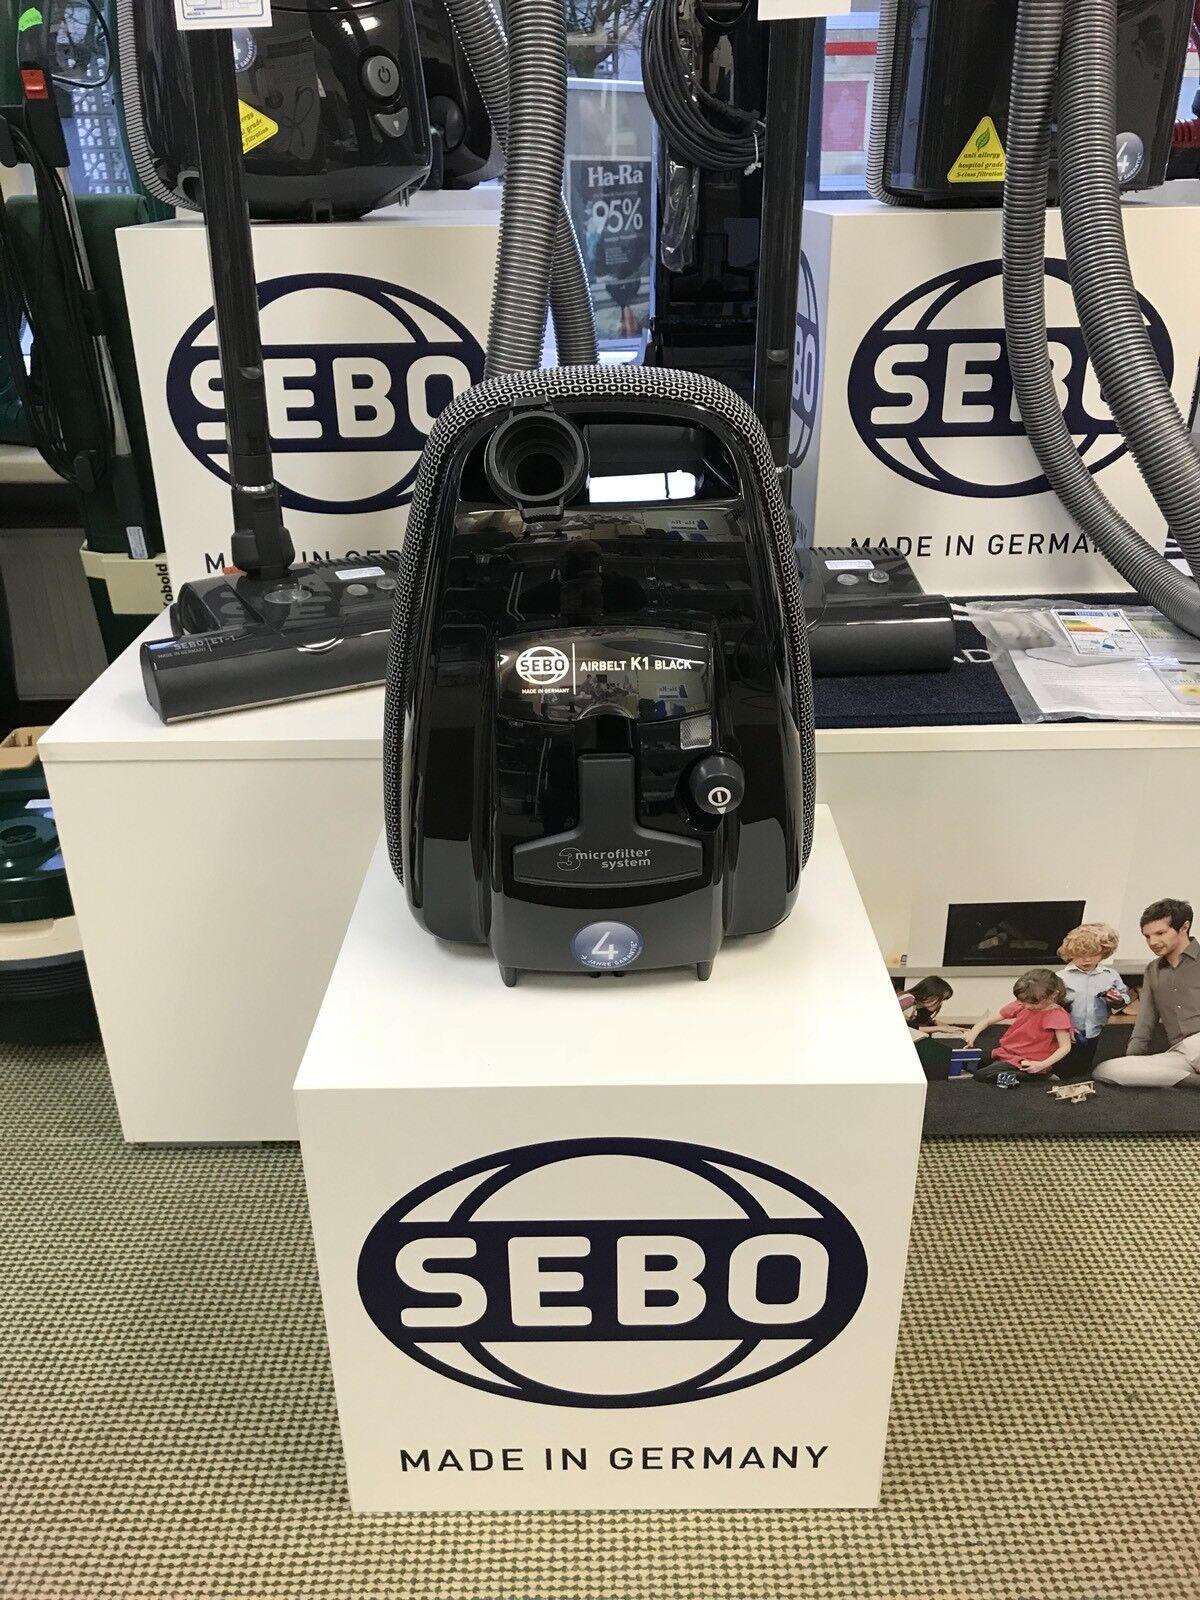 SEBO Airbelt K1 ONE Bodenstaubsauger mit 4 Jahren Garantie 8 Staubsaugerbeutel